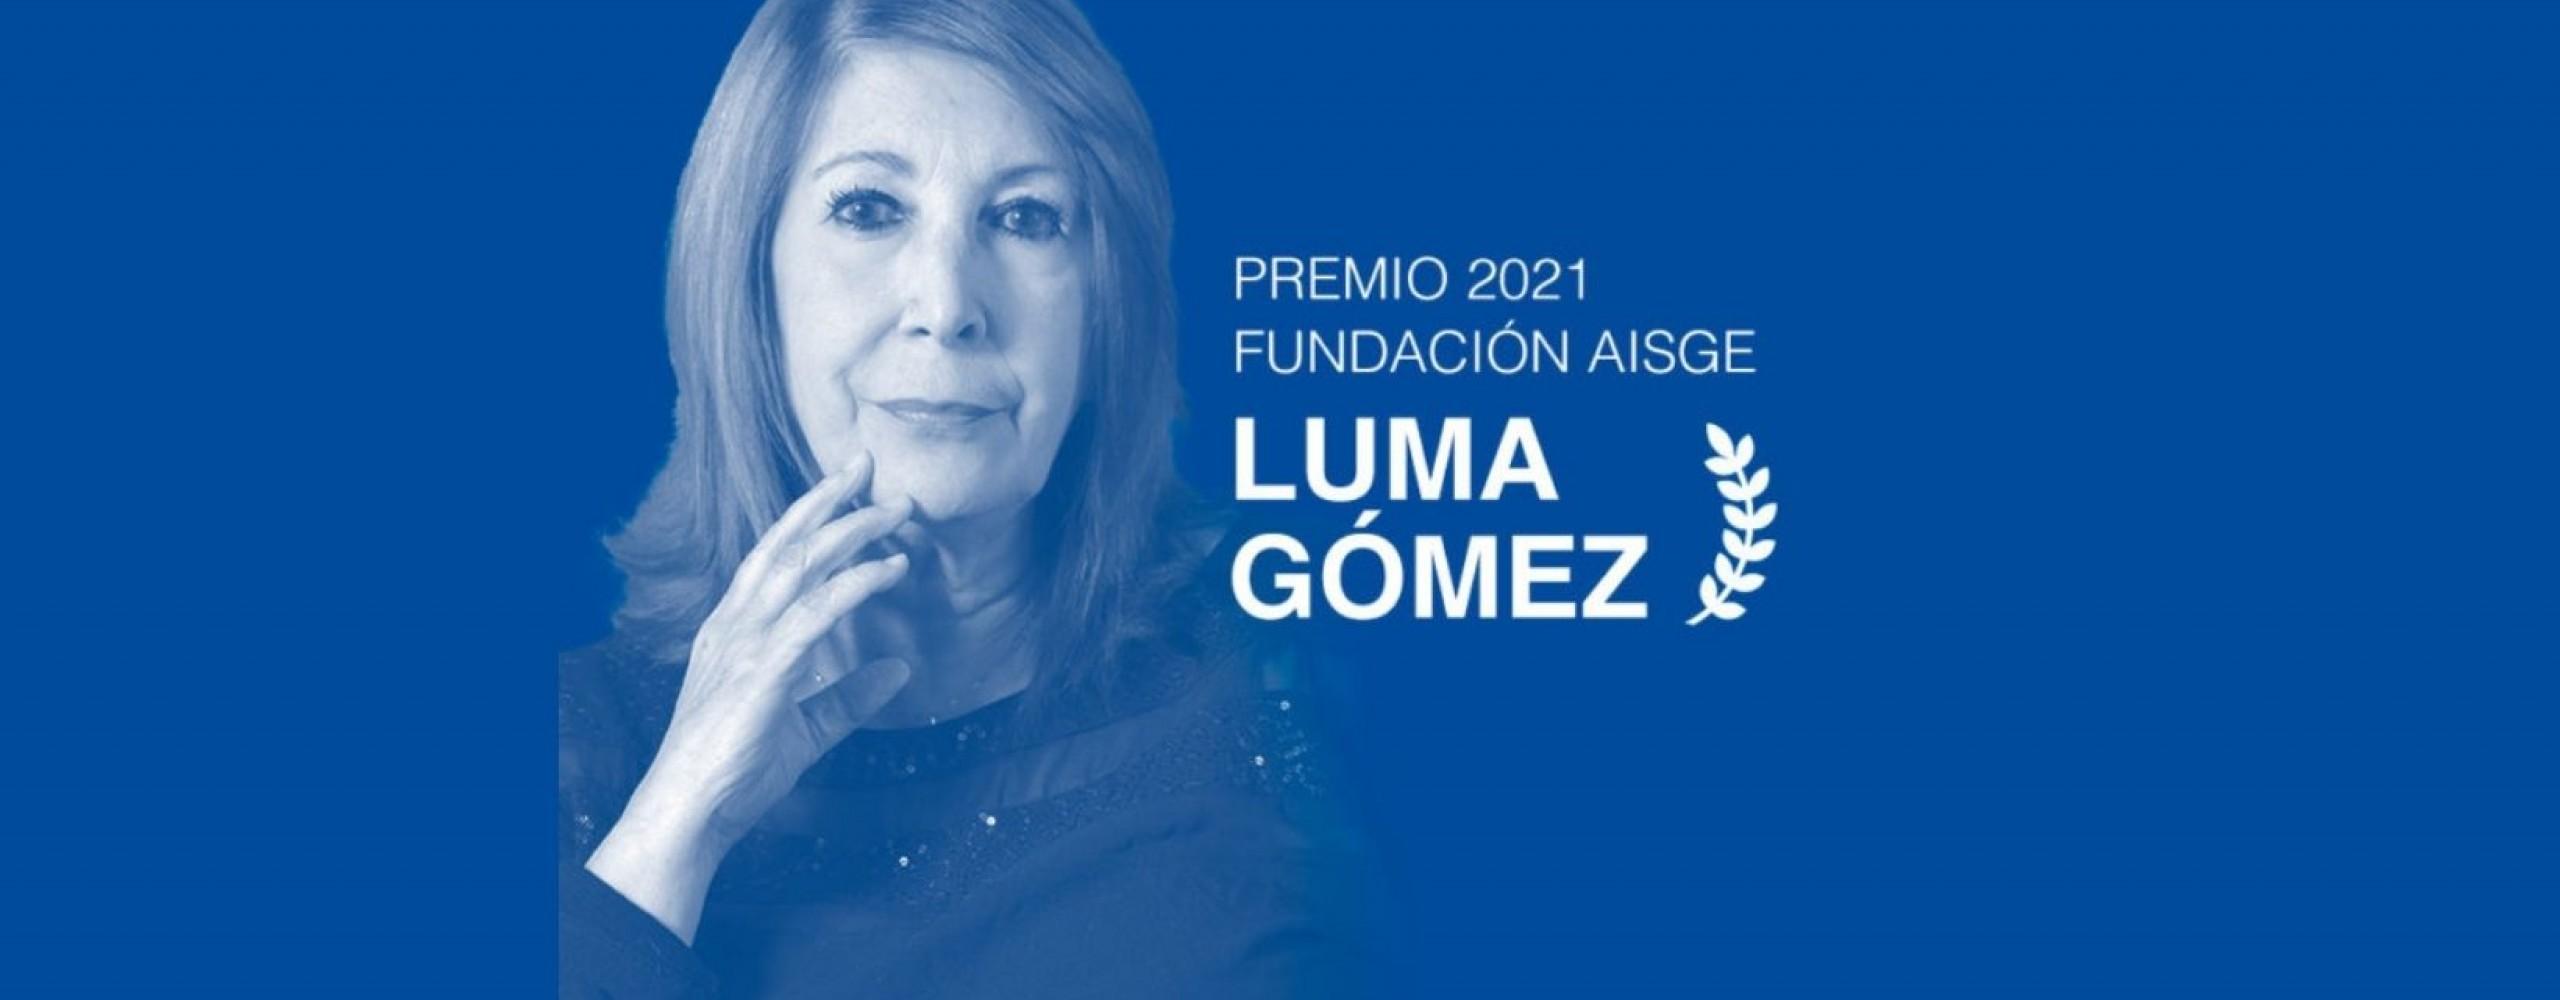 Luma Gómez, Premio de Honra da Fundación AISGE no festival de cinema de Ourense (OUFF)